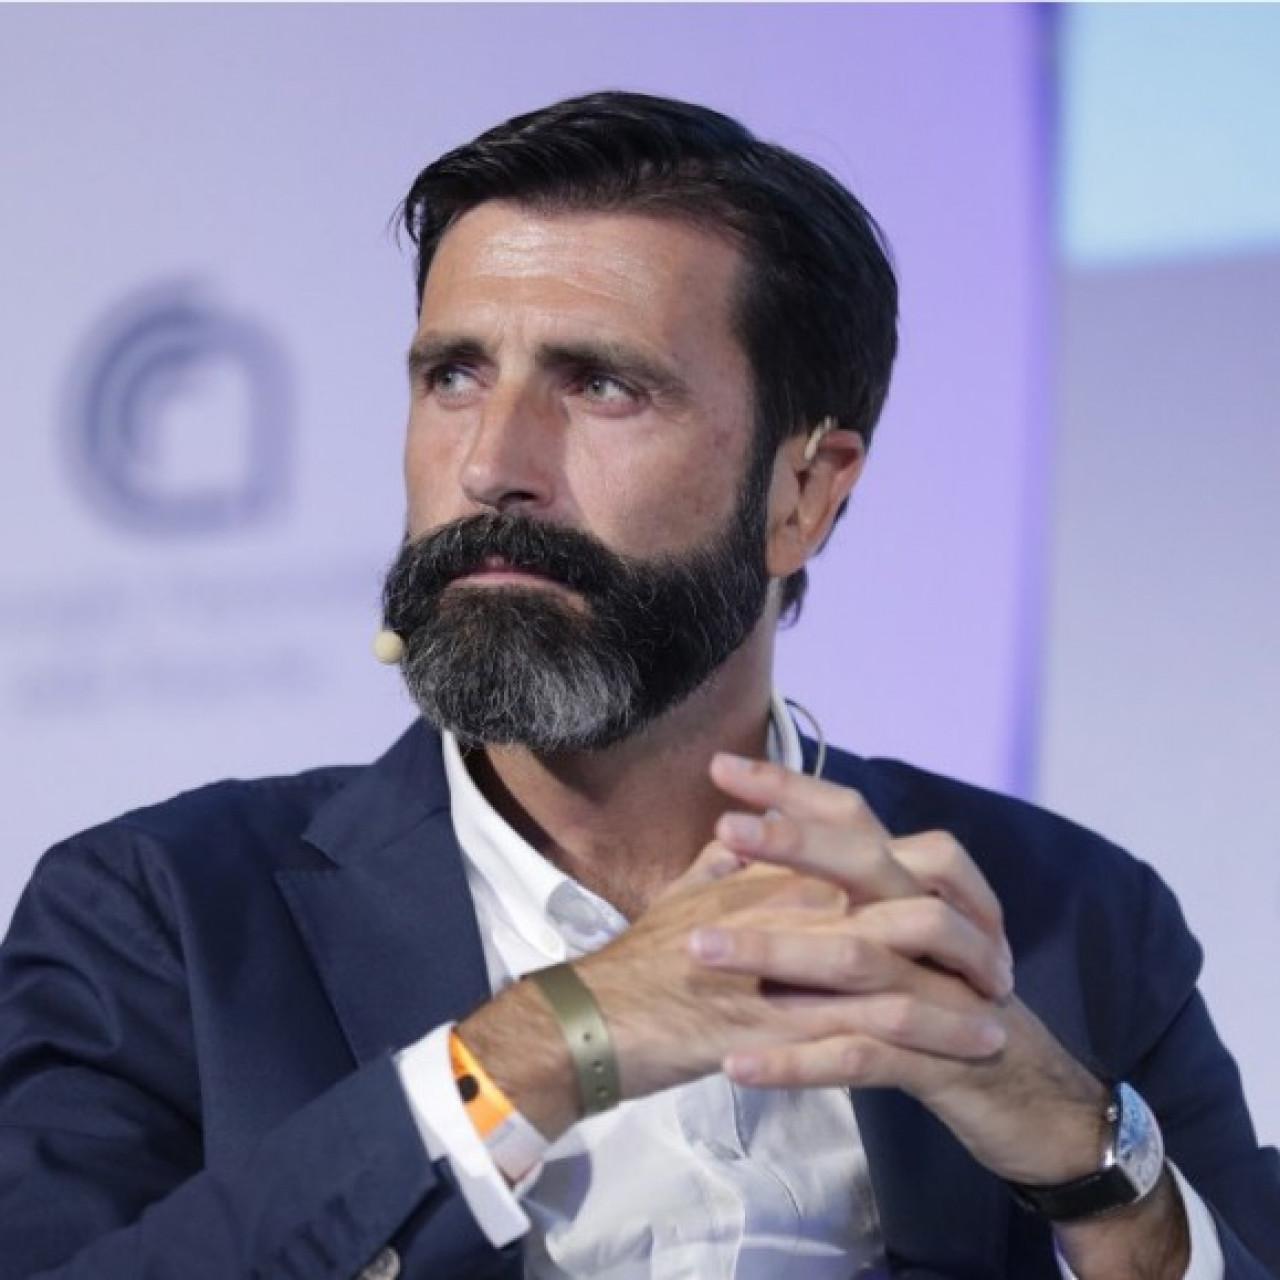 Nessuna manifestazione nel primo trimestre, per Fiera Milano perdita lorda di 23,2 milioni di euro